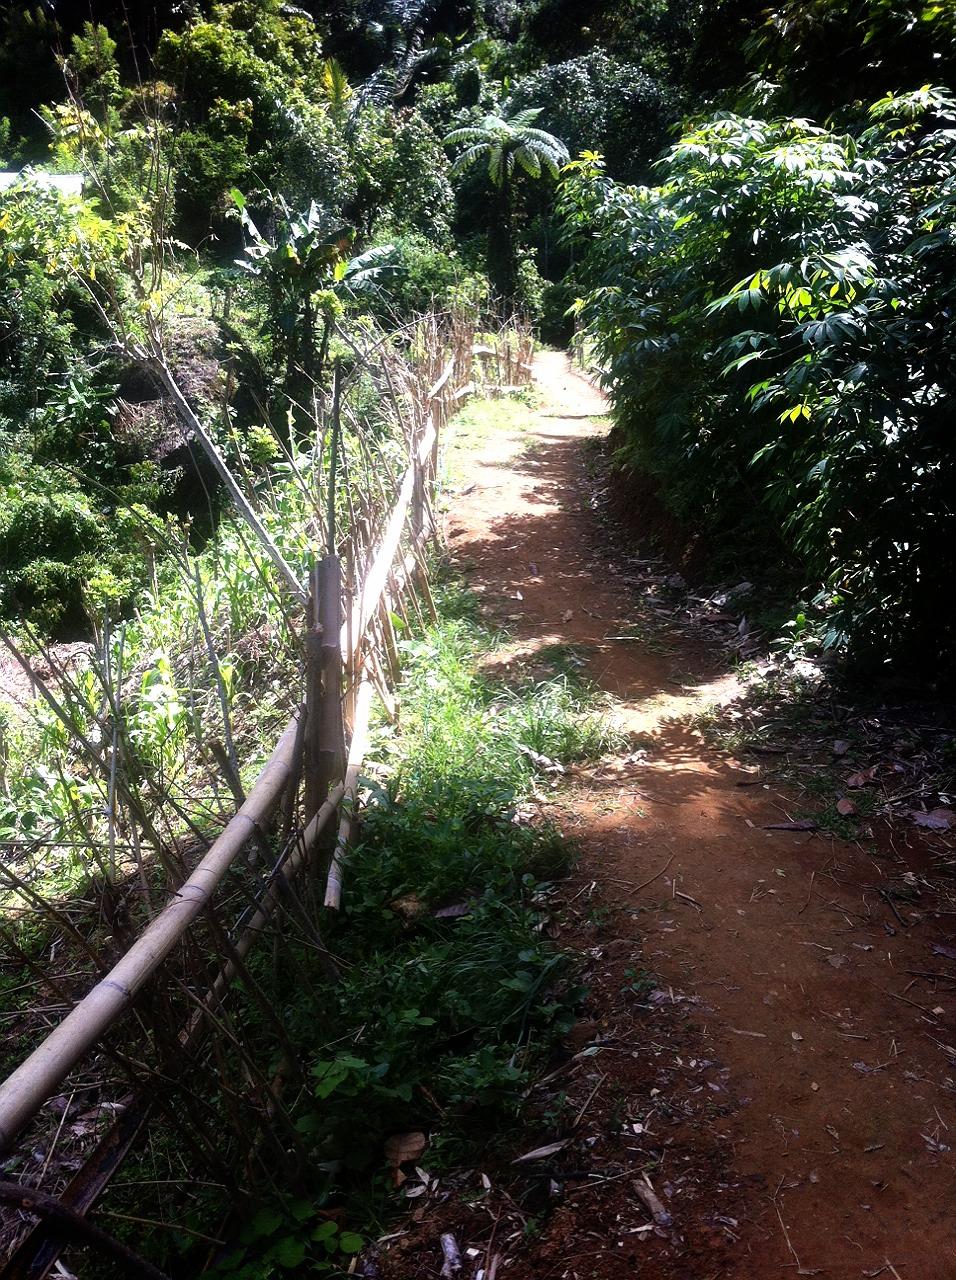 jalur menuju air terjun indo rannuang polewali mandar